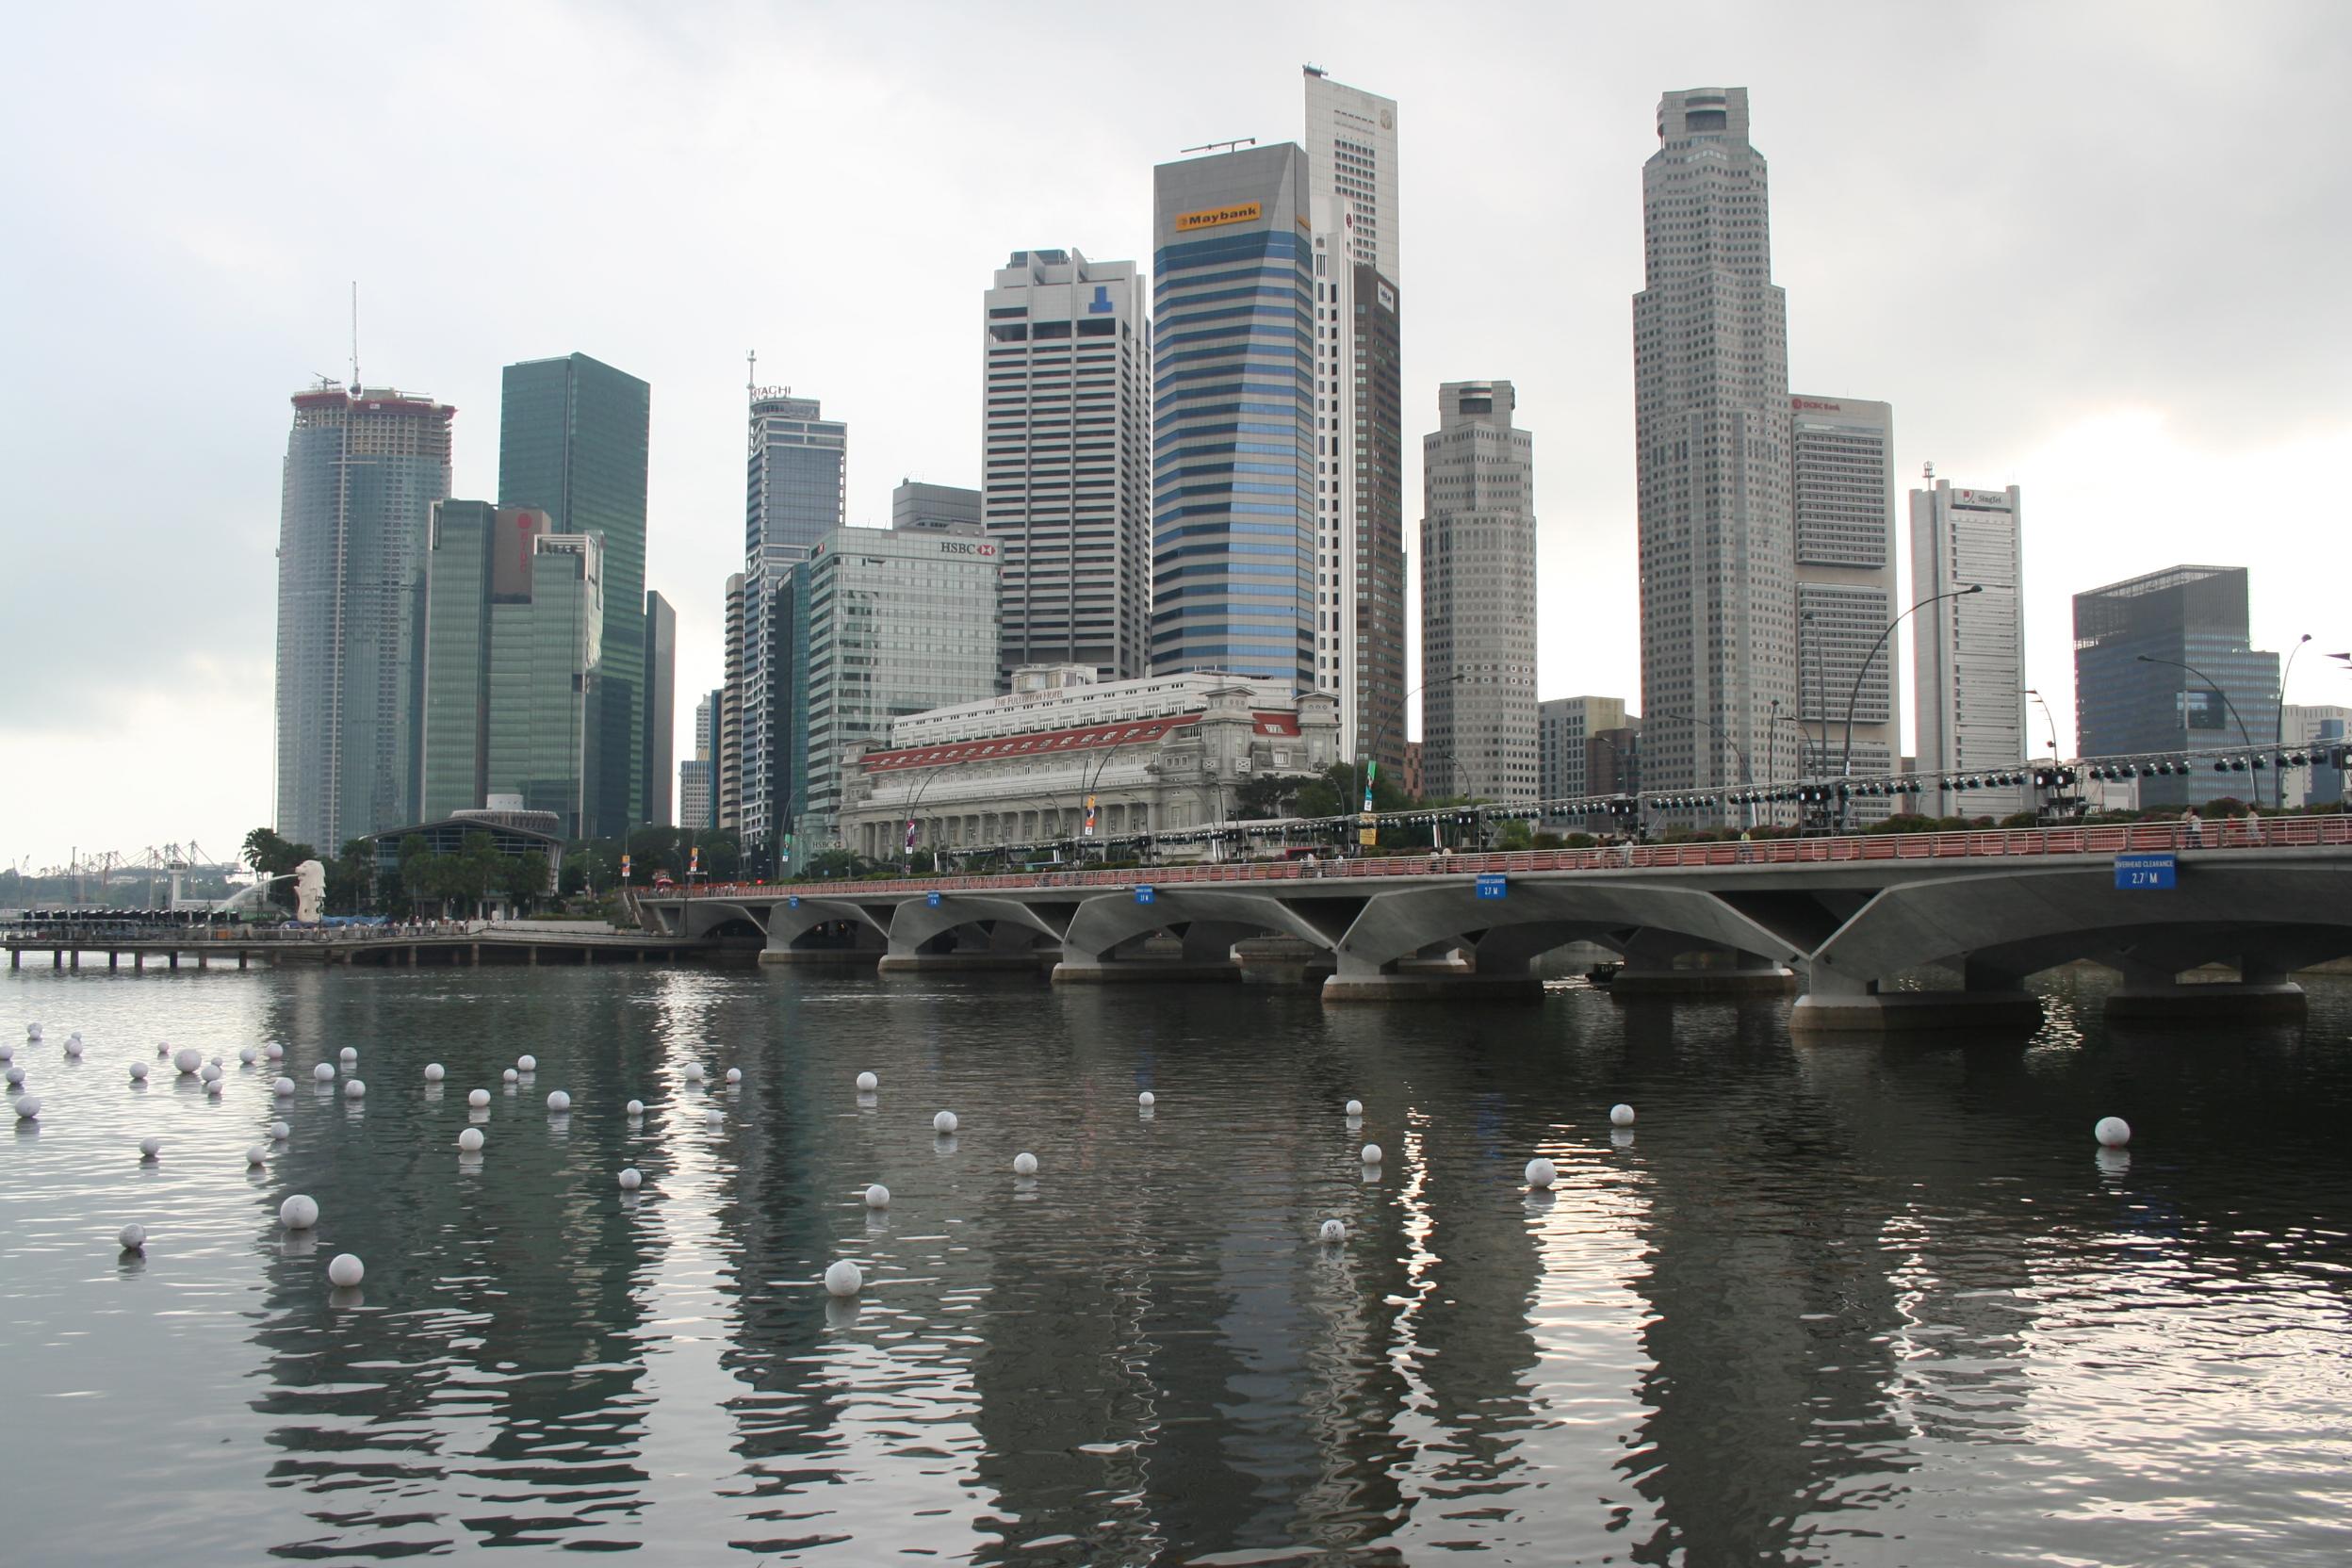 Culture shock in Singapore